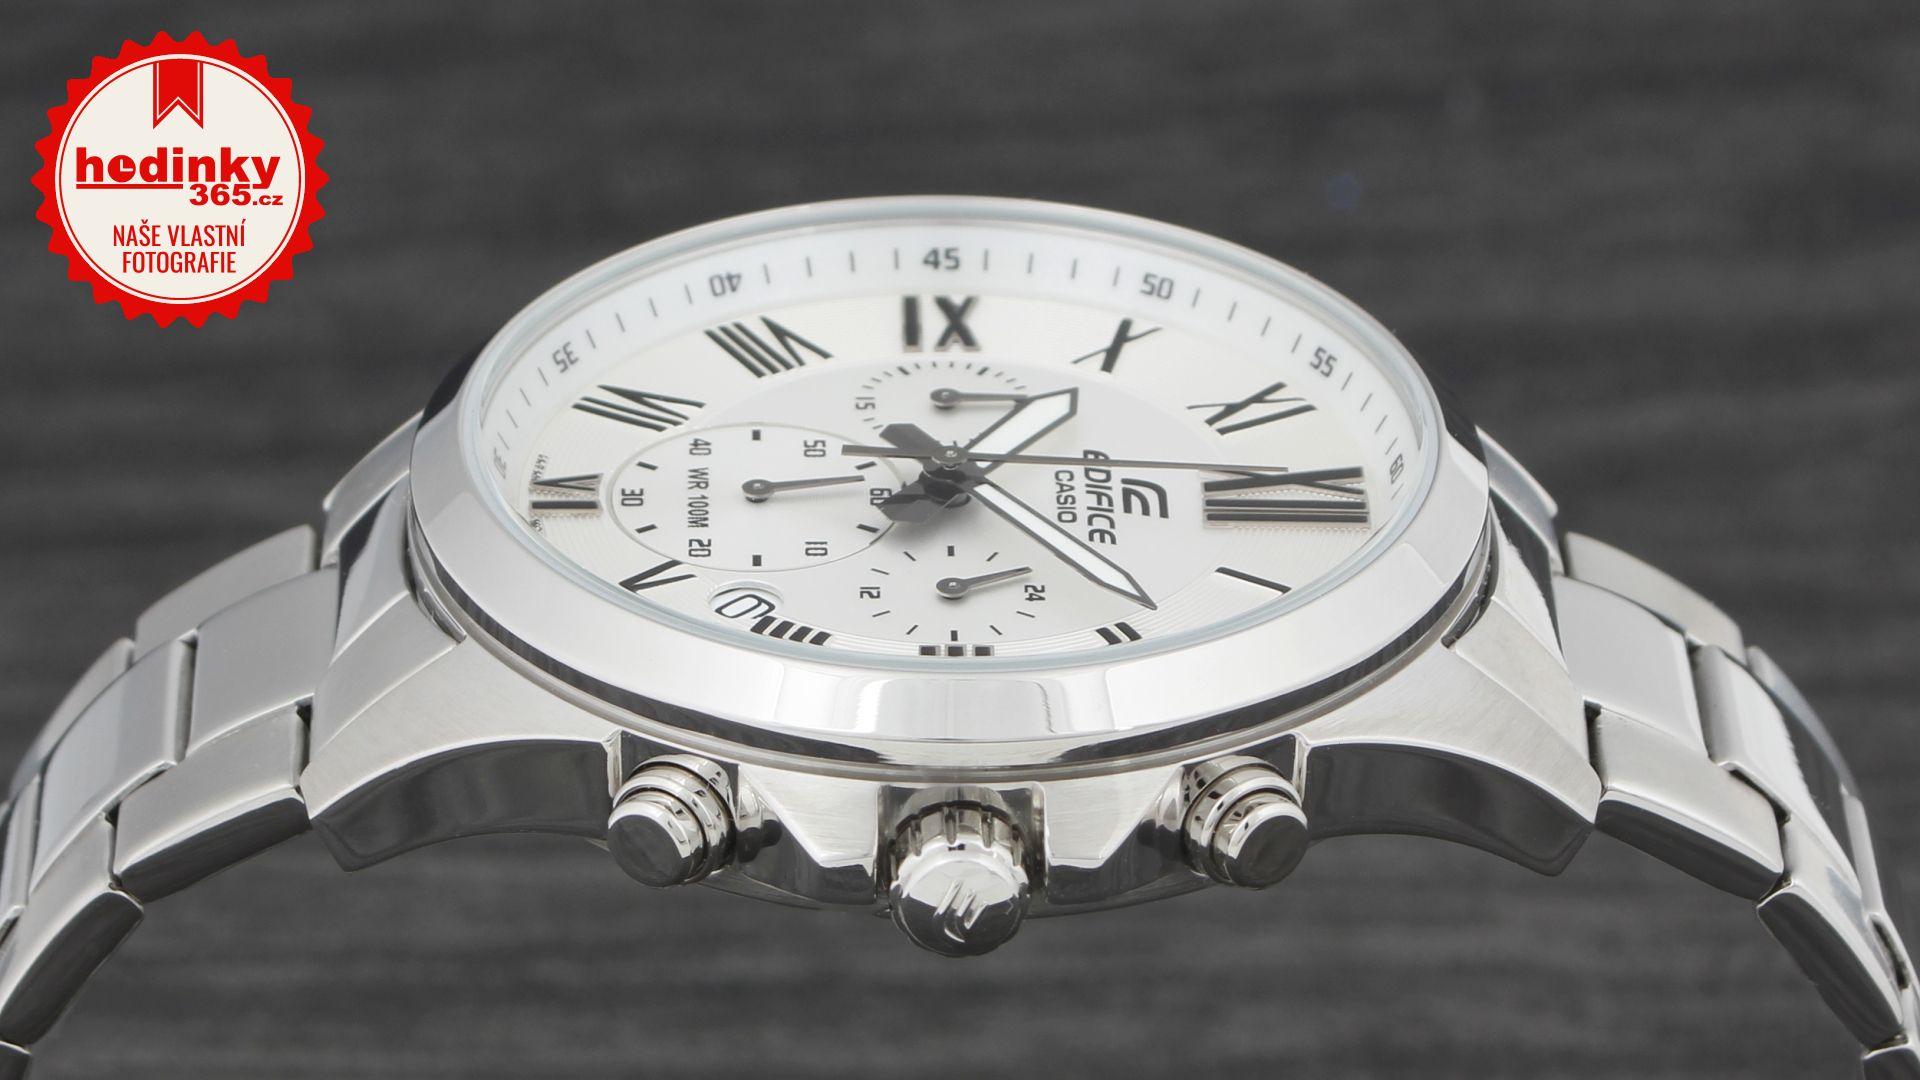 Casio Edifice EFV-500D-7AVUEF. Pánské hodinky - ocelový řemínek 8ebda103d7